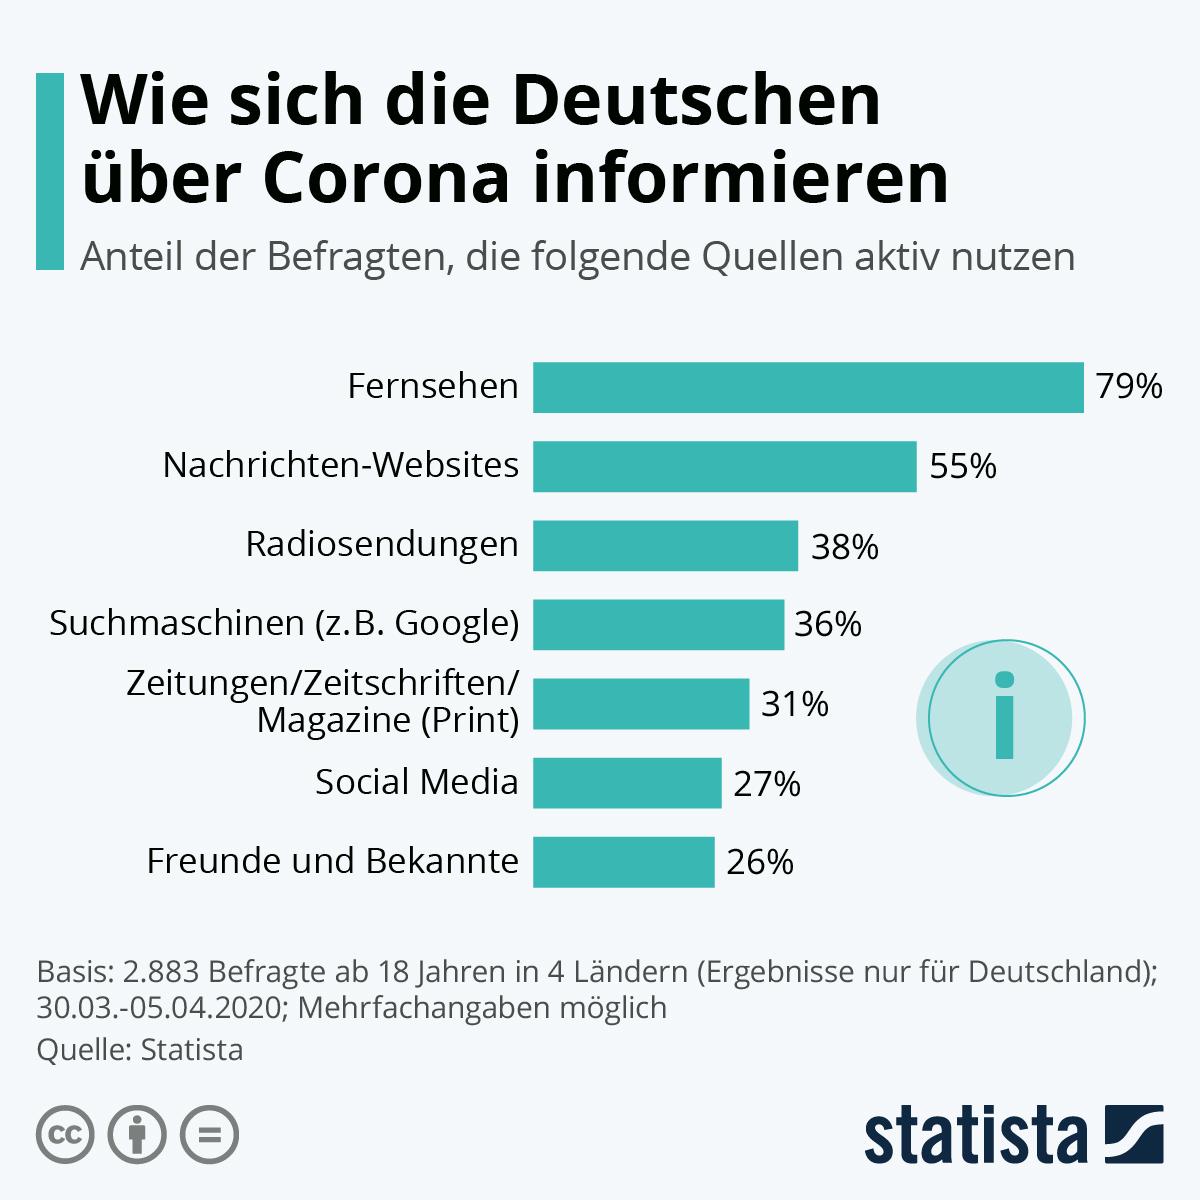 Infografik: Wie sich die Deutschen über Corona informieren | Statista